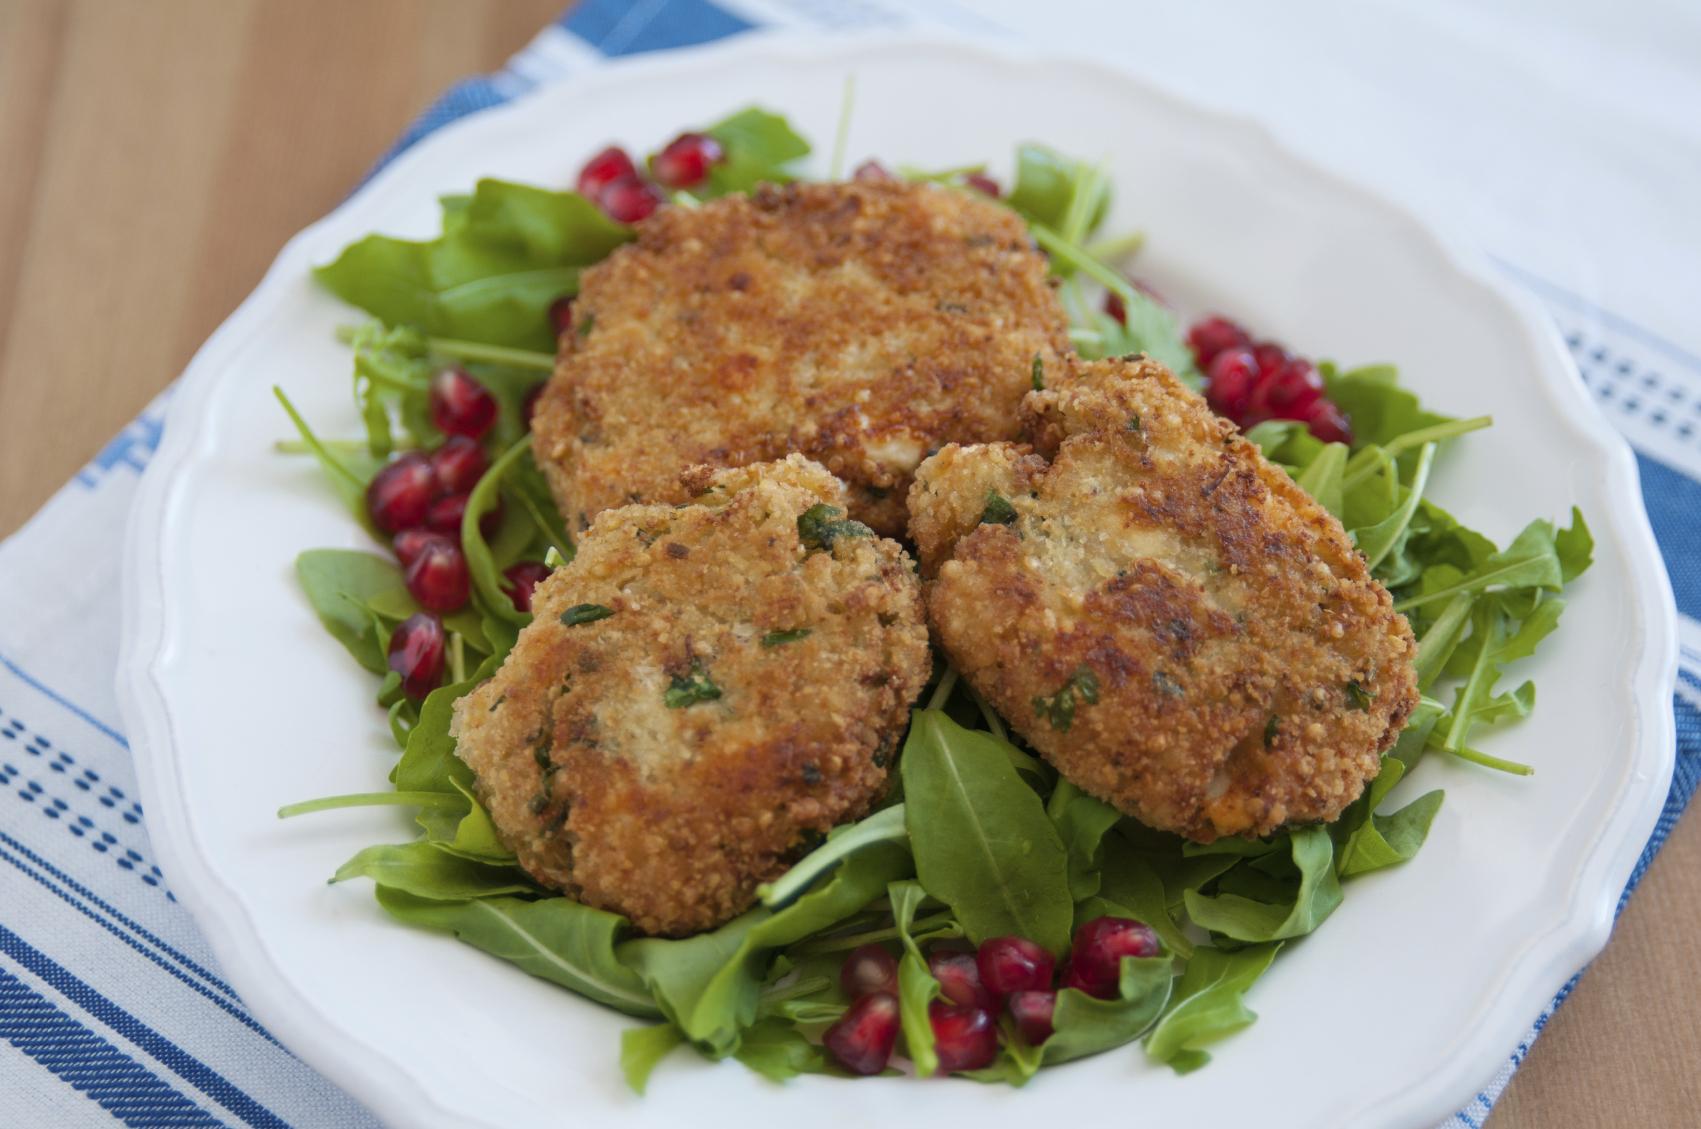 Quinoa and ricotta vegetarian patties: Pulpetti veġetarjani bil-quinoa u l-irkotta